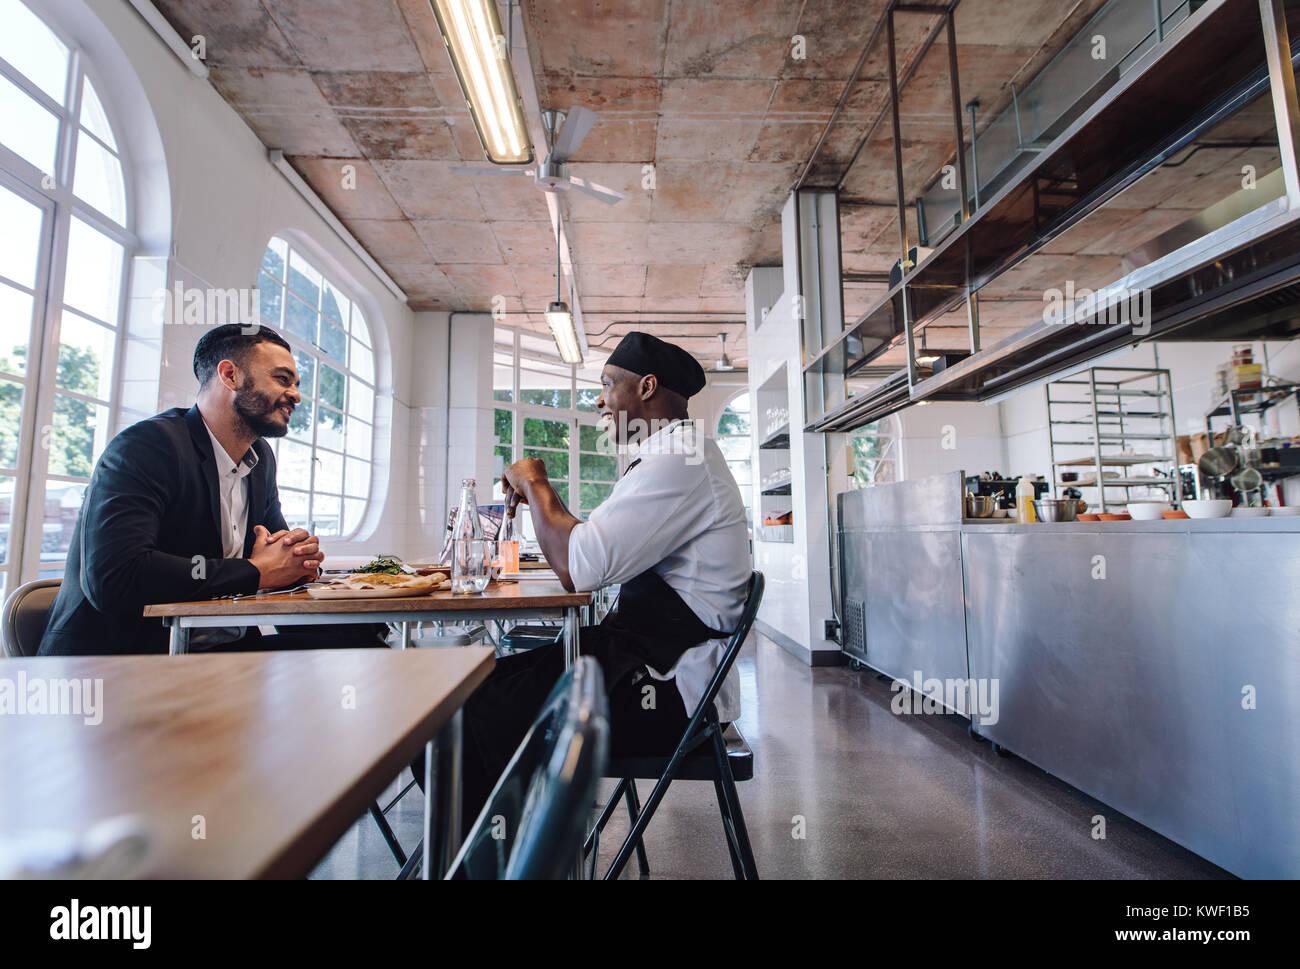 Restaurant Manager im Gespräch mit einem professionellen Koch. Cafe Inhaber und Koch sitzen an einem Tisch Stockbild